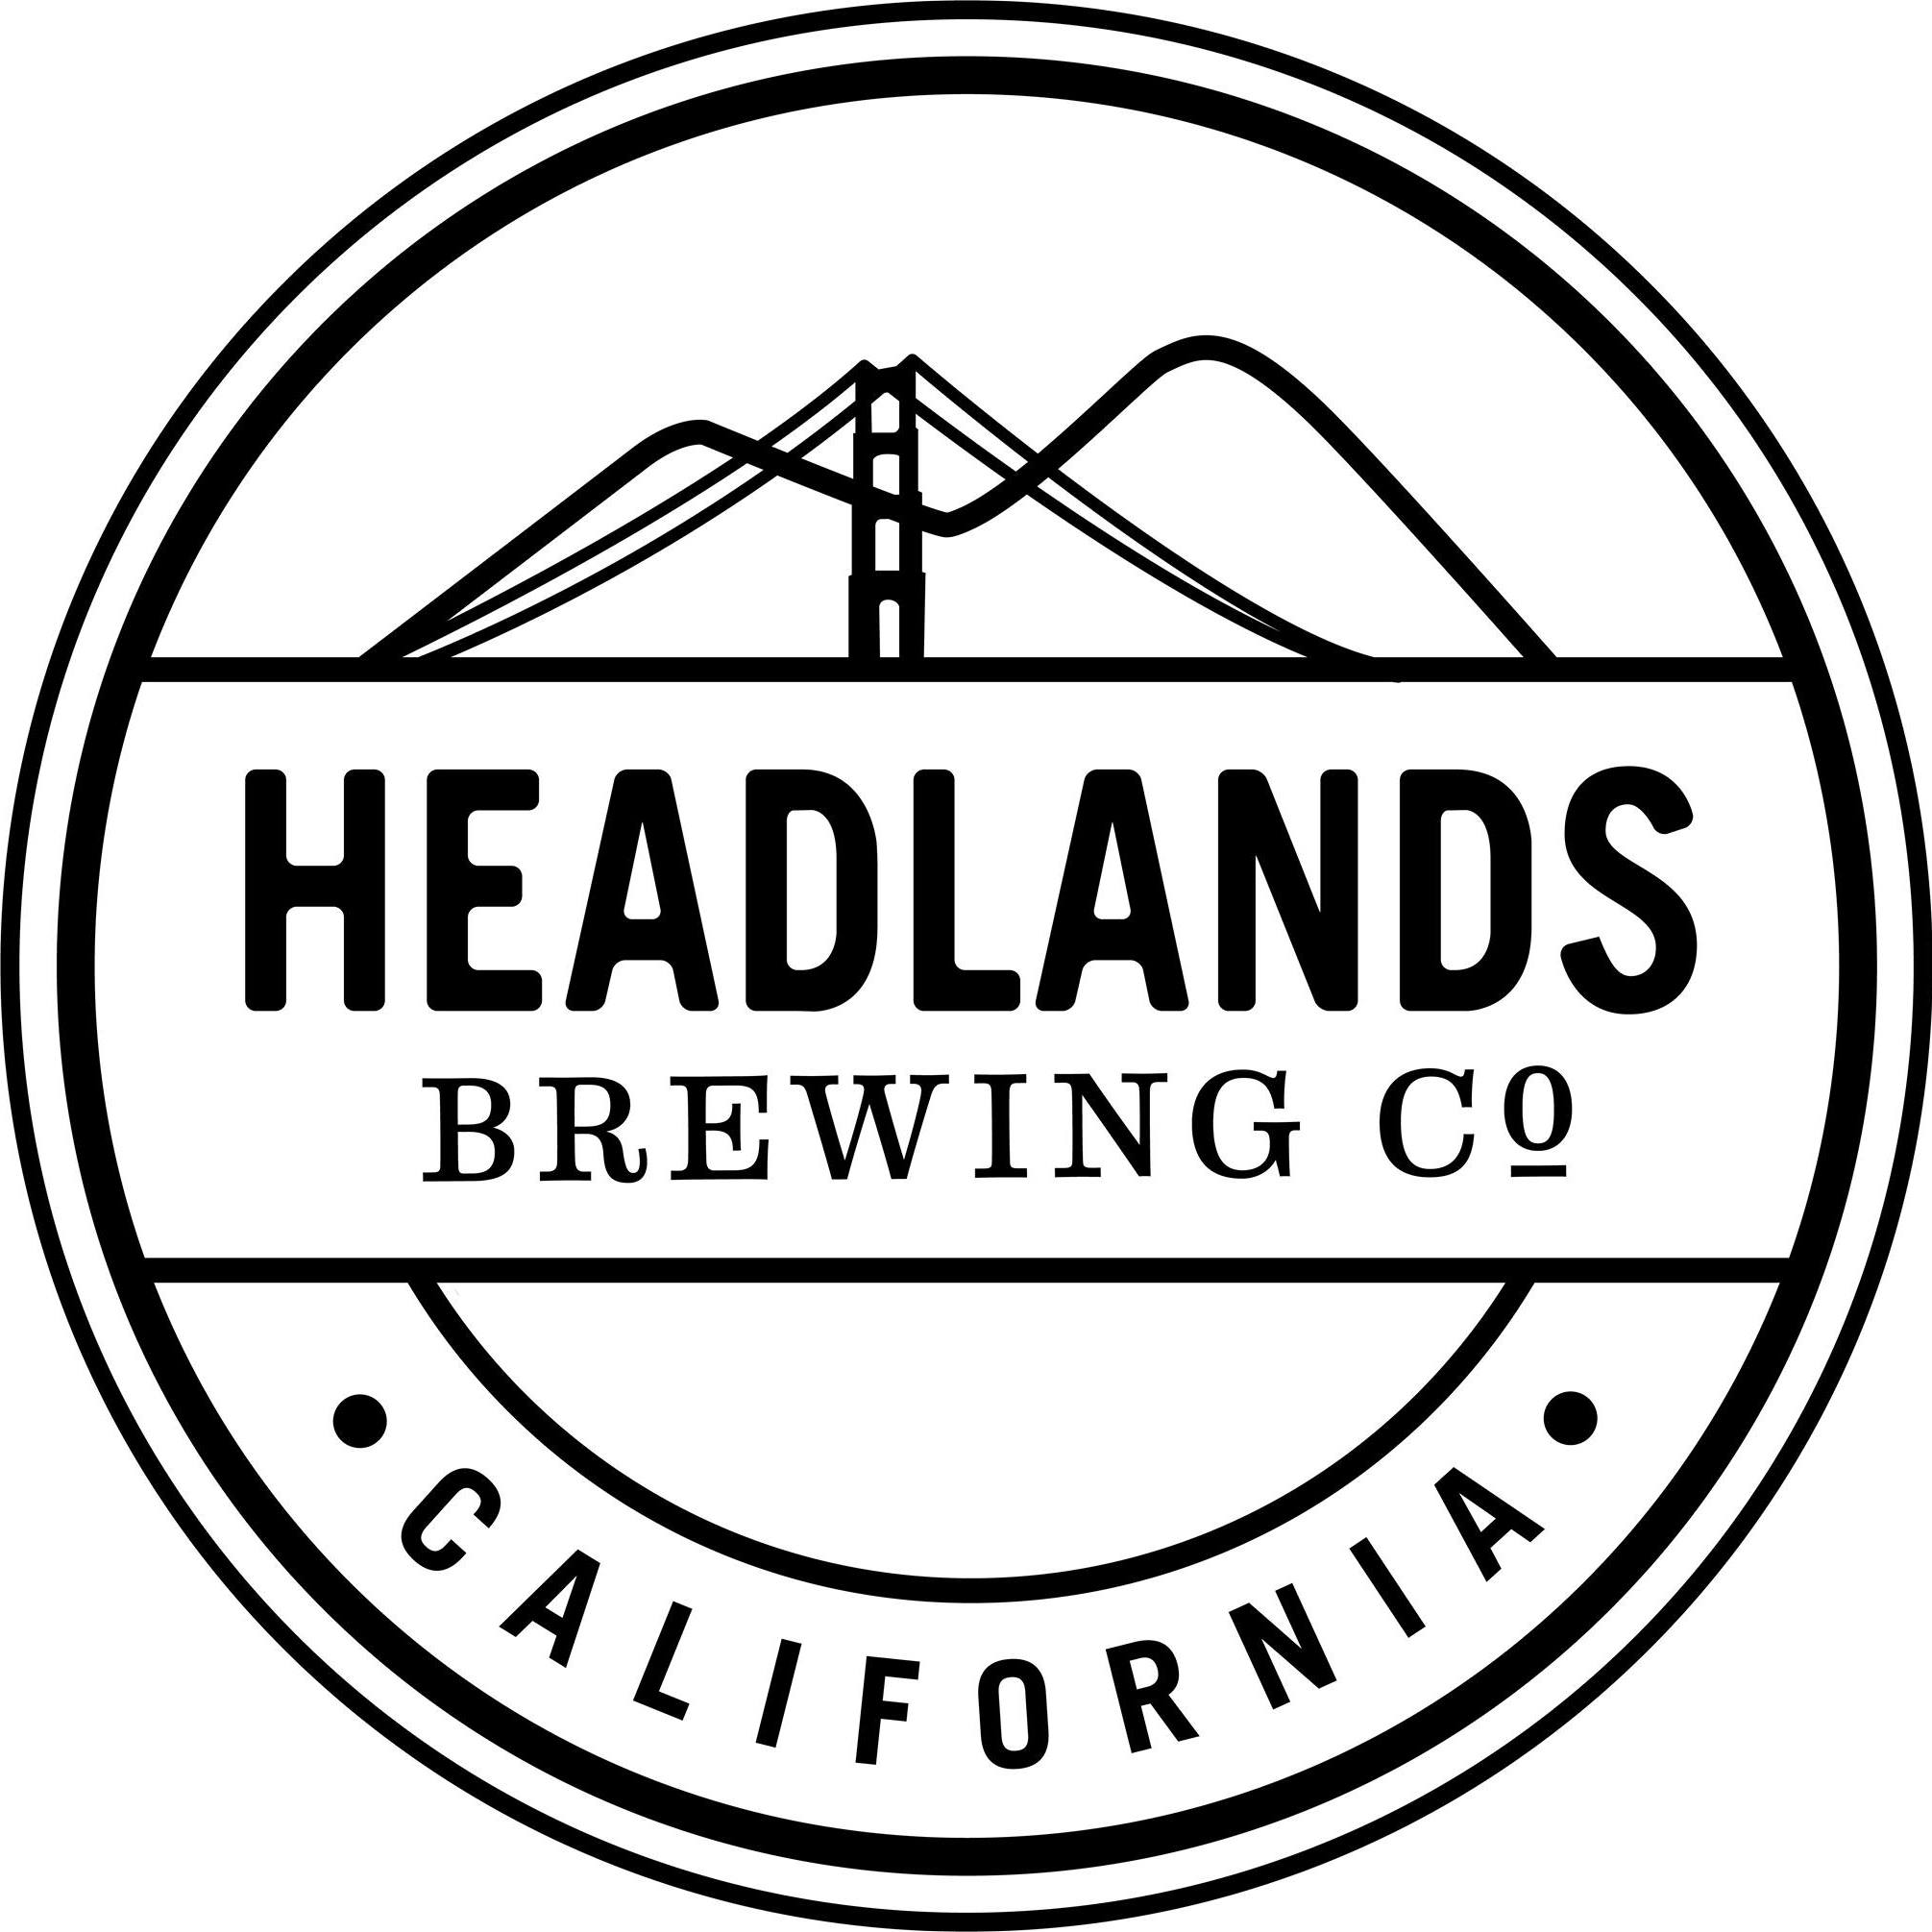 Headlands Brewing Co.